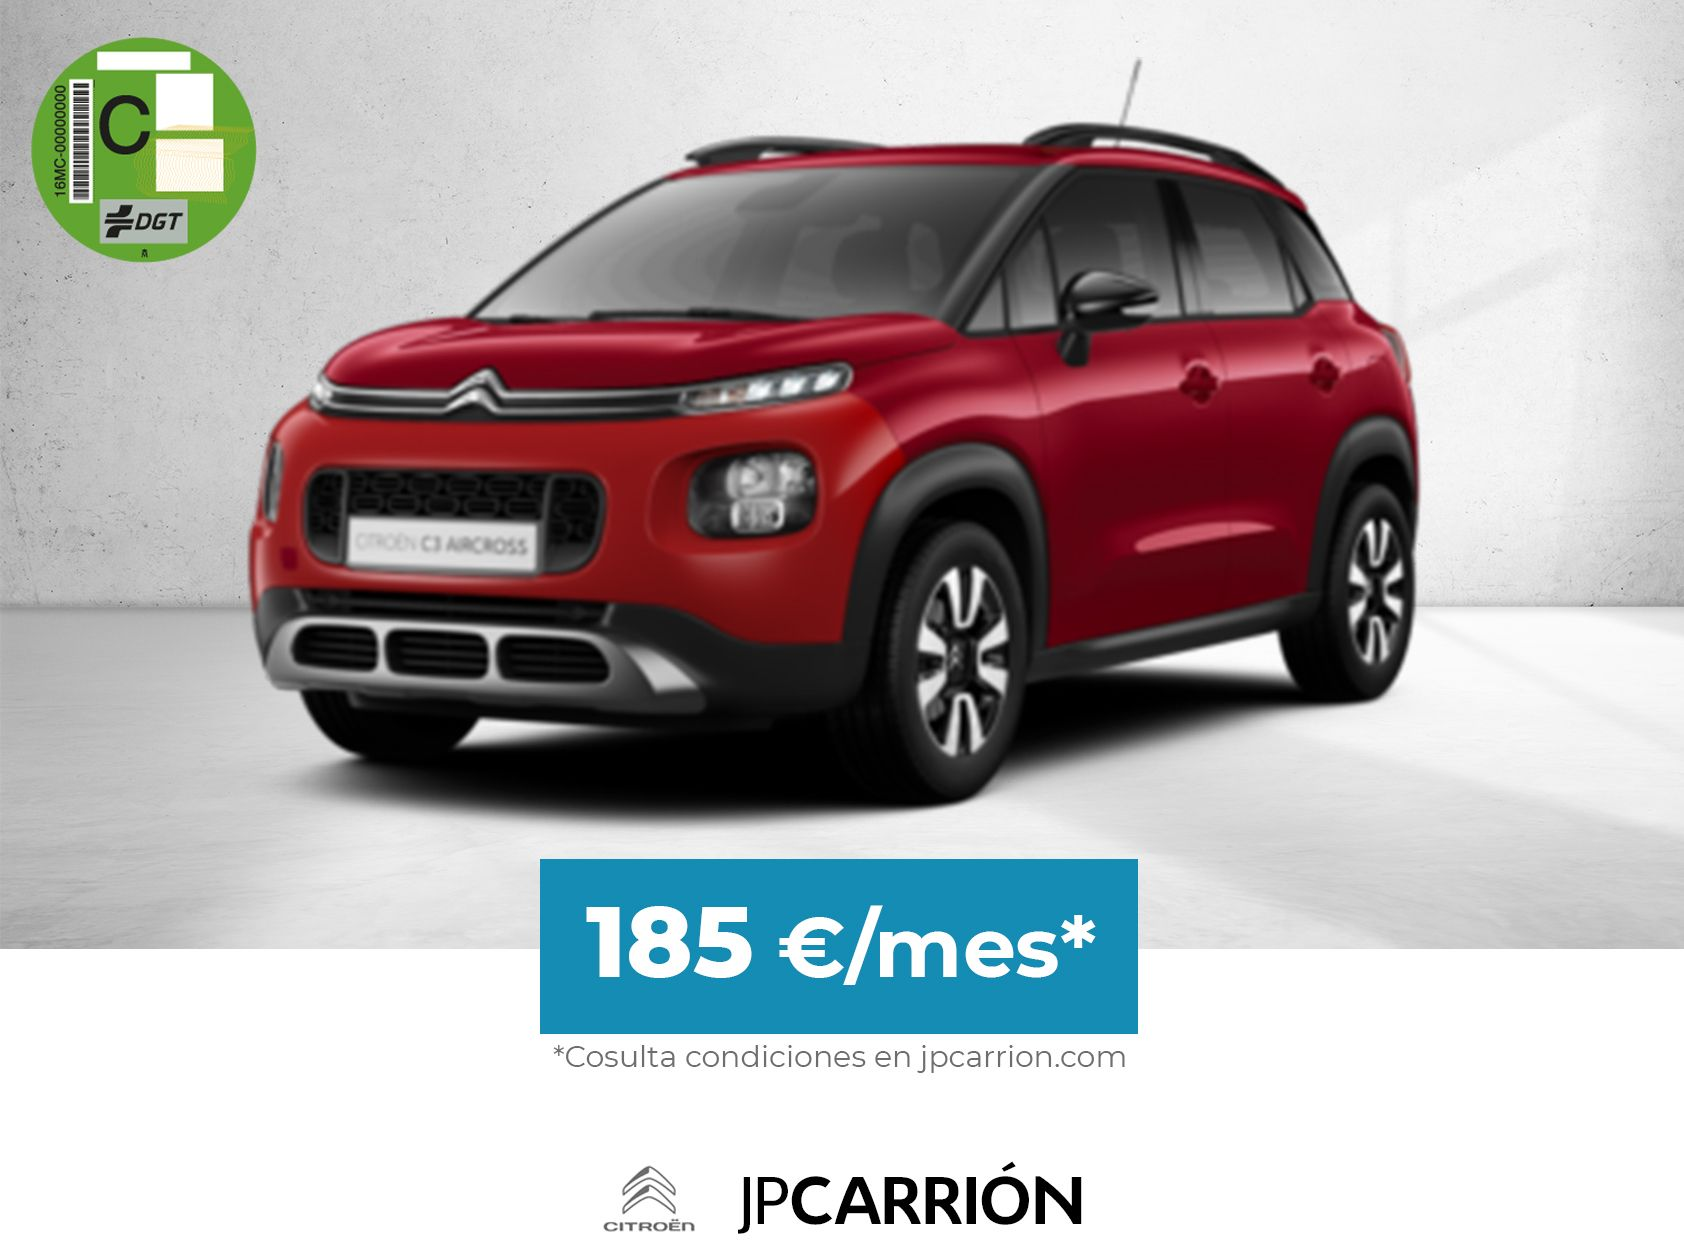 Citroën C3 Aircross por 185€/mes*